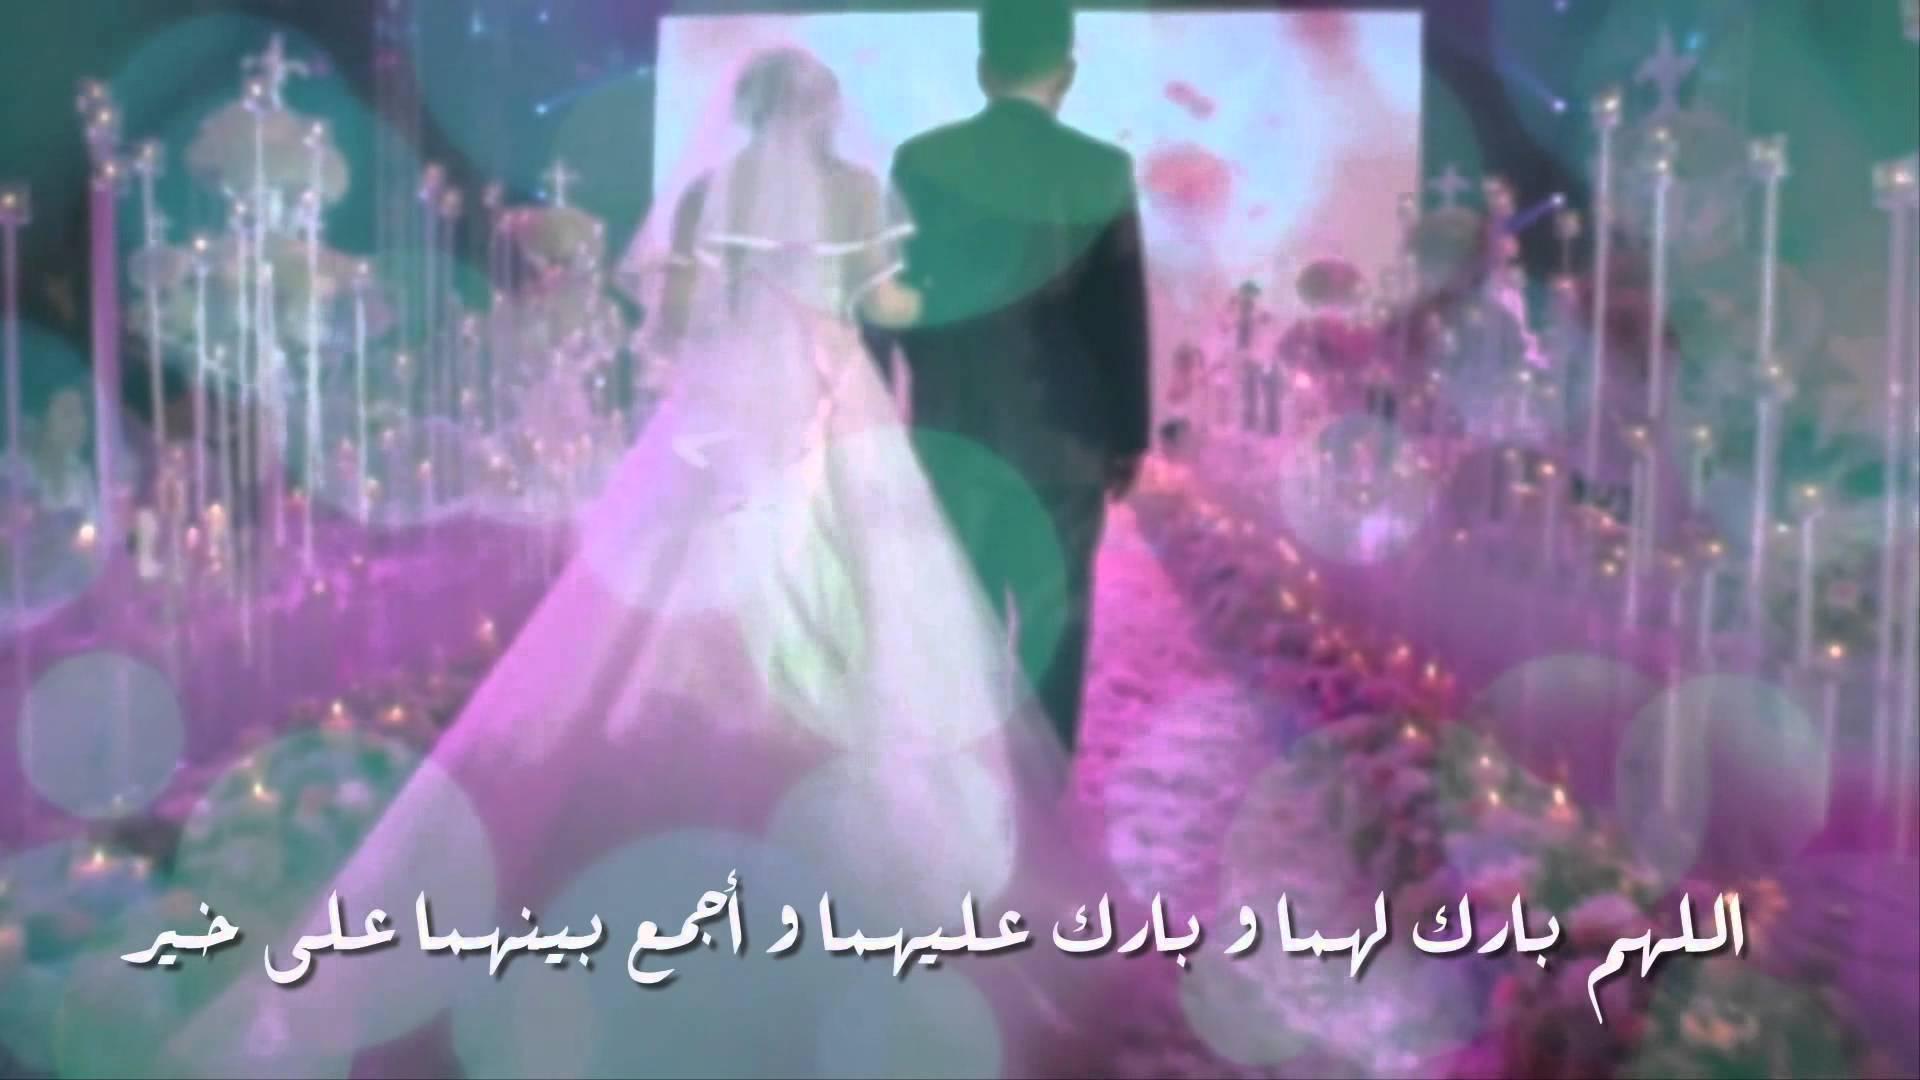 بالصور عبارات للعروس , اجمل كلمات تهنئة للعروس 745 8